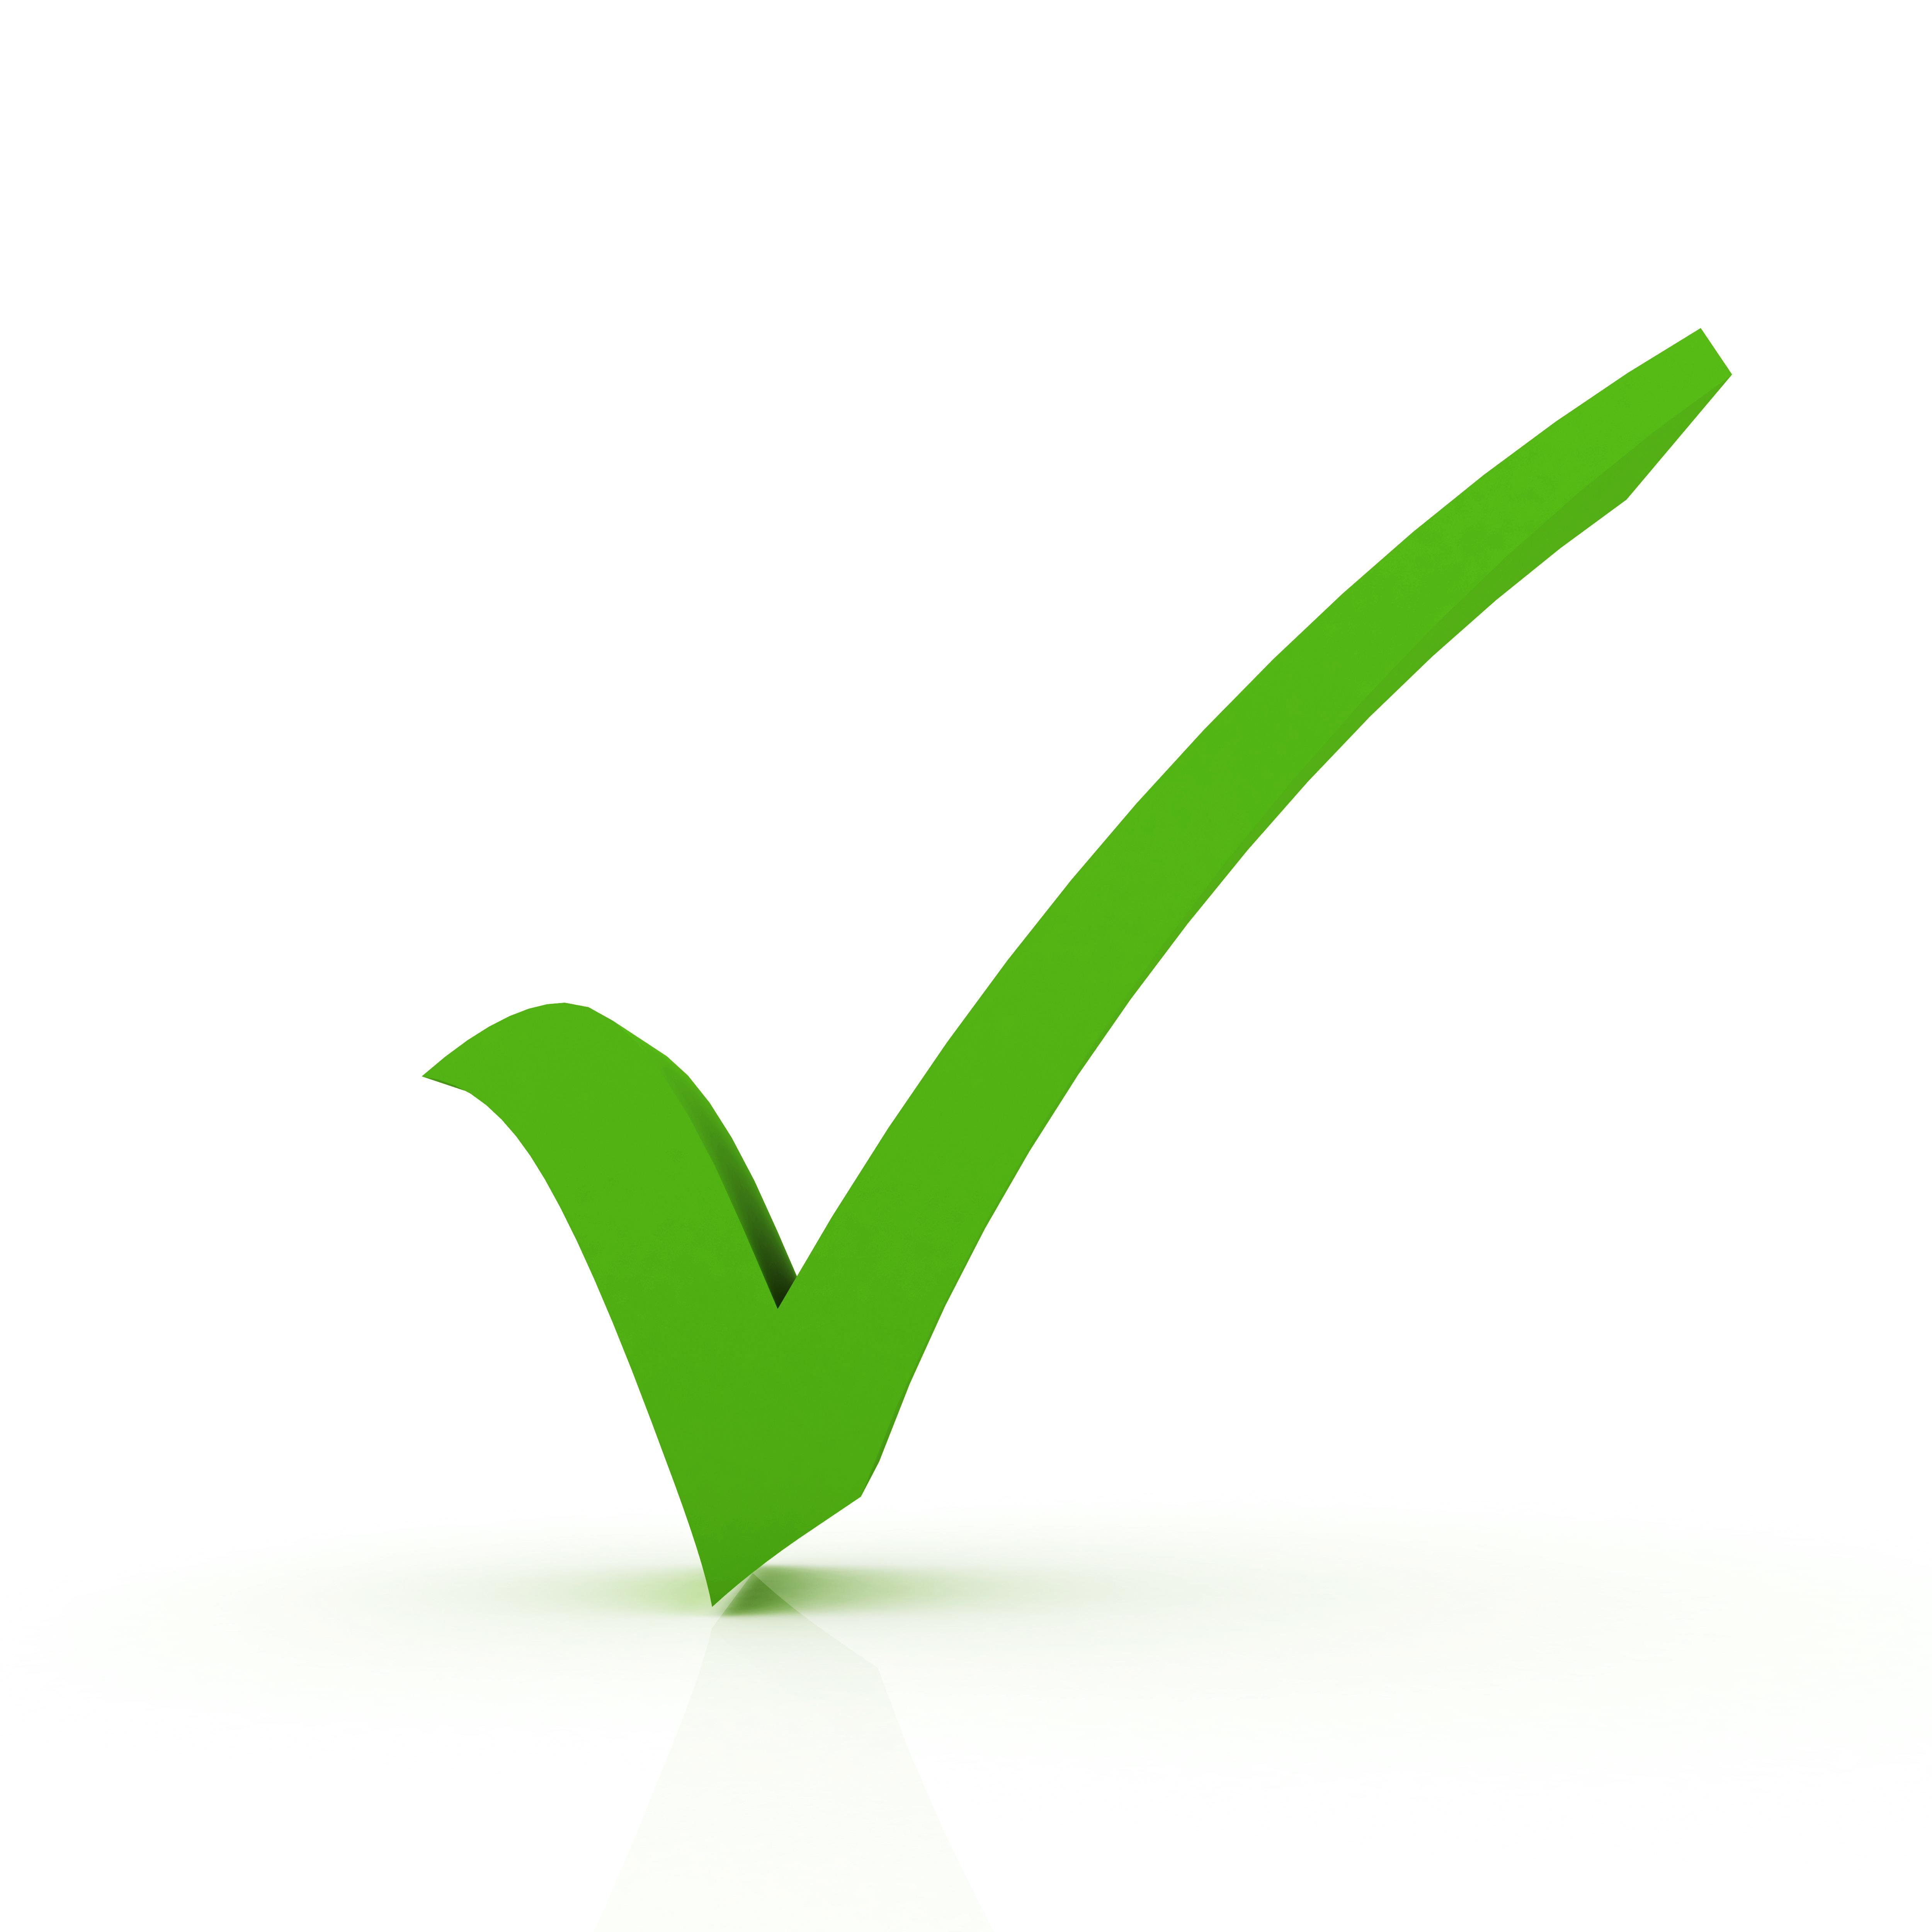 Green Check Mark Clip Art - ClipArt Best - ClipArt Best